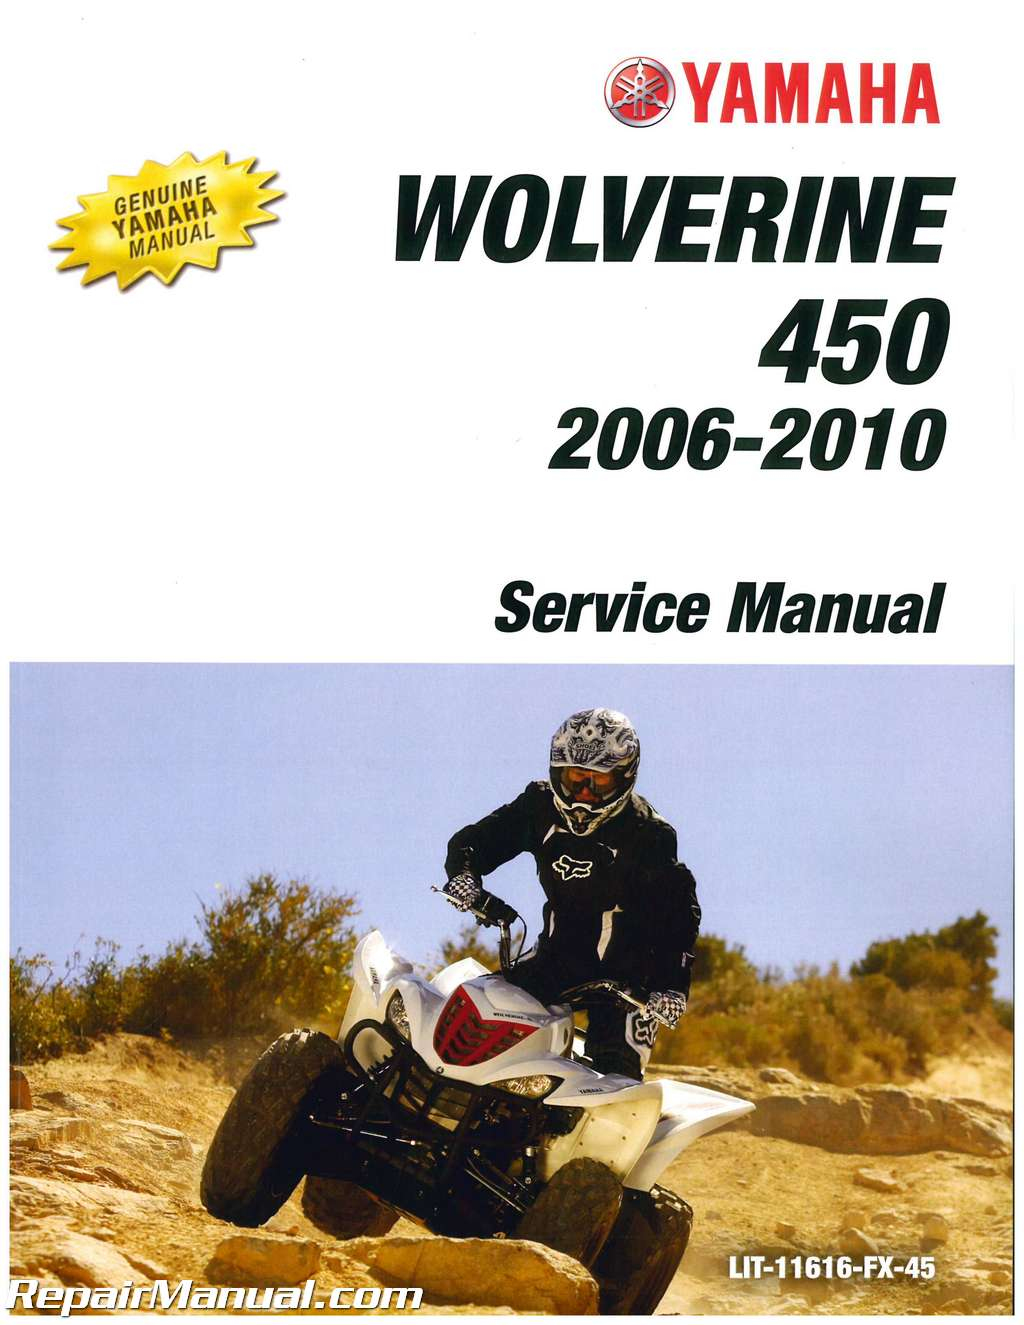 2006 2010 yamaha yfm450 wolverine 450 atv service manual rh repairmanual com 2006 yamaha wolverine 450 service manual 2006 yamaha wolverine 450 service manual